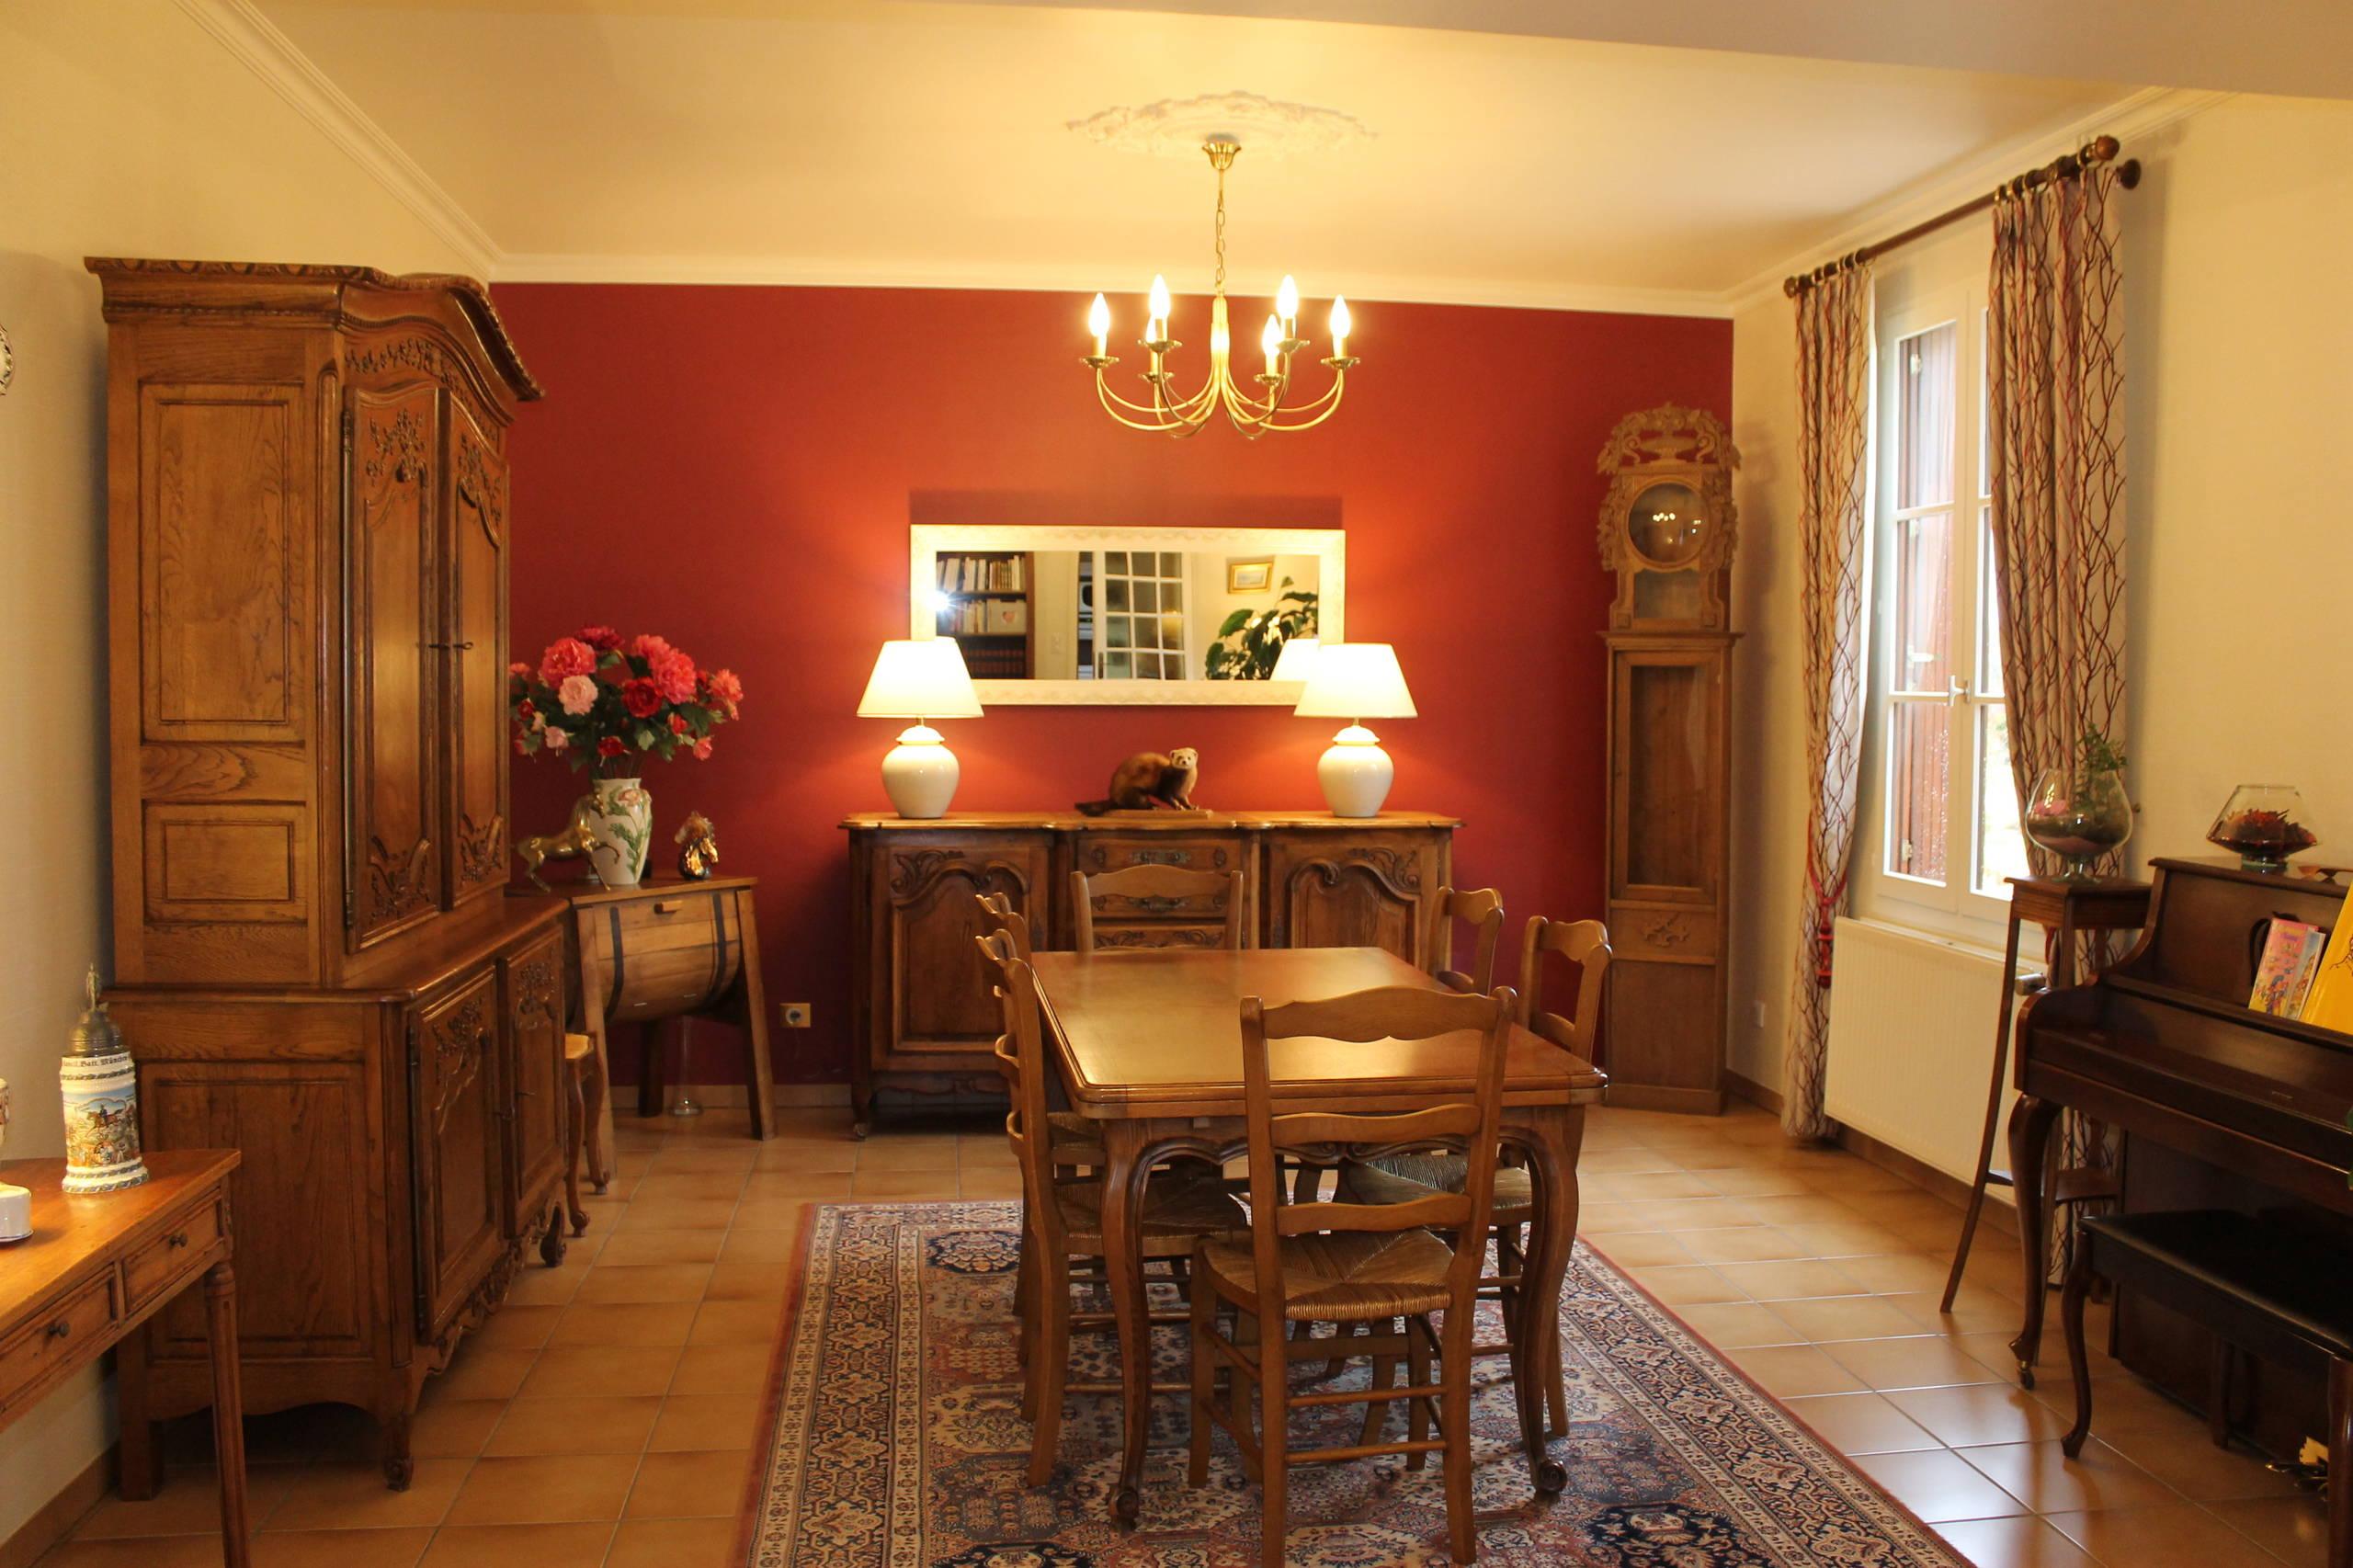 Rénovation d'une salle à manger classique sur mur lie de vin